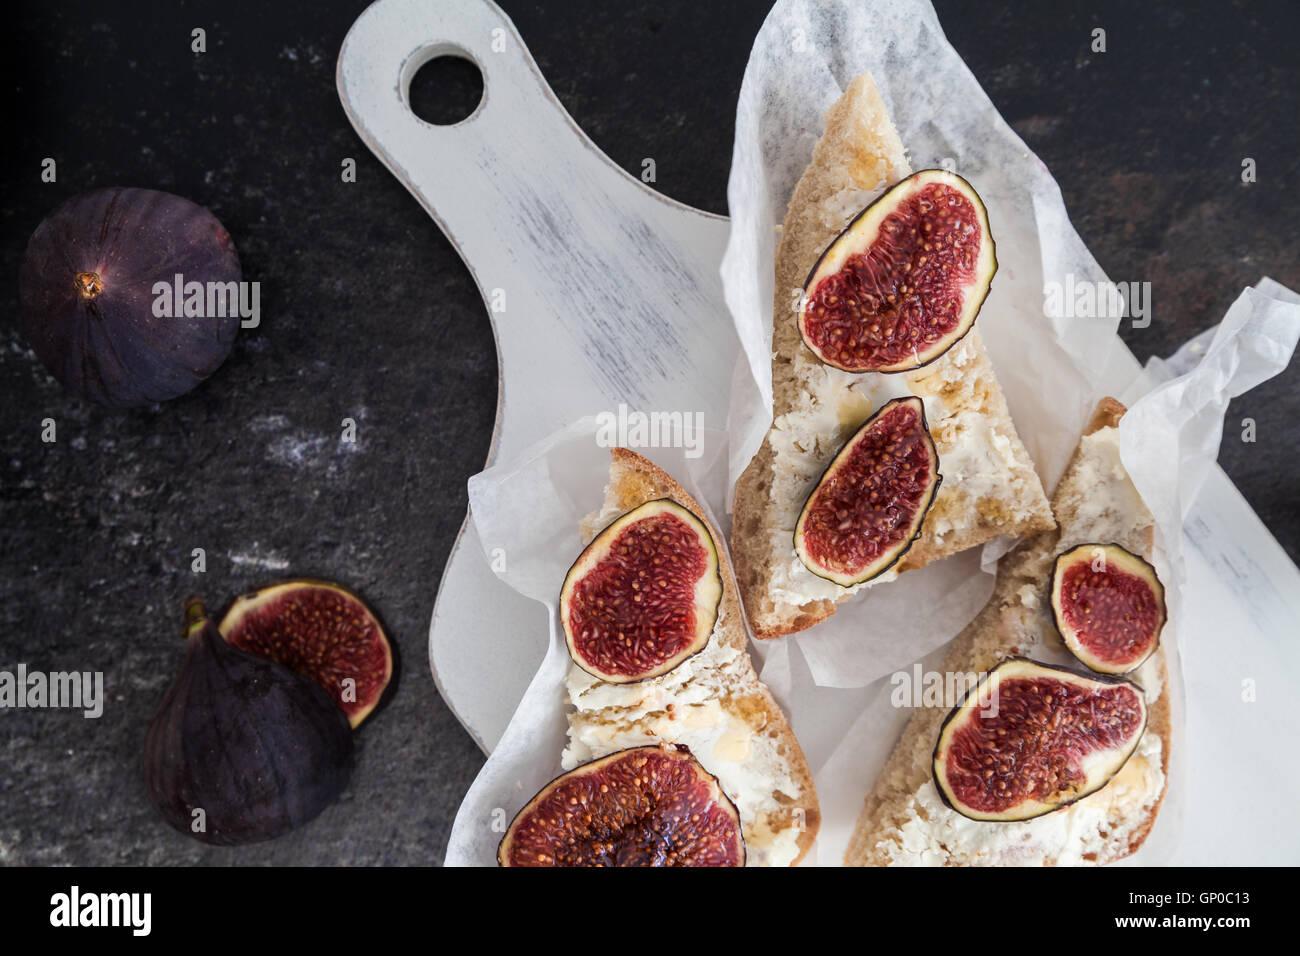 Aperitivo con queso de cabra y las figs. Imagen De Stock